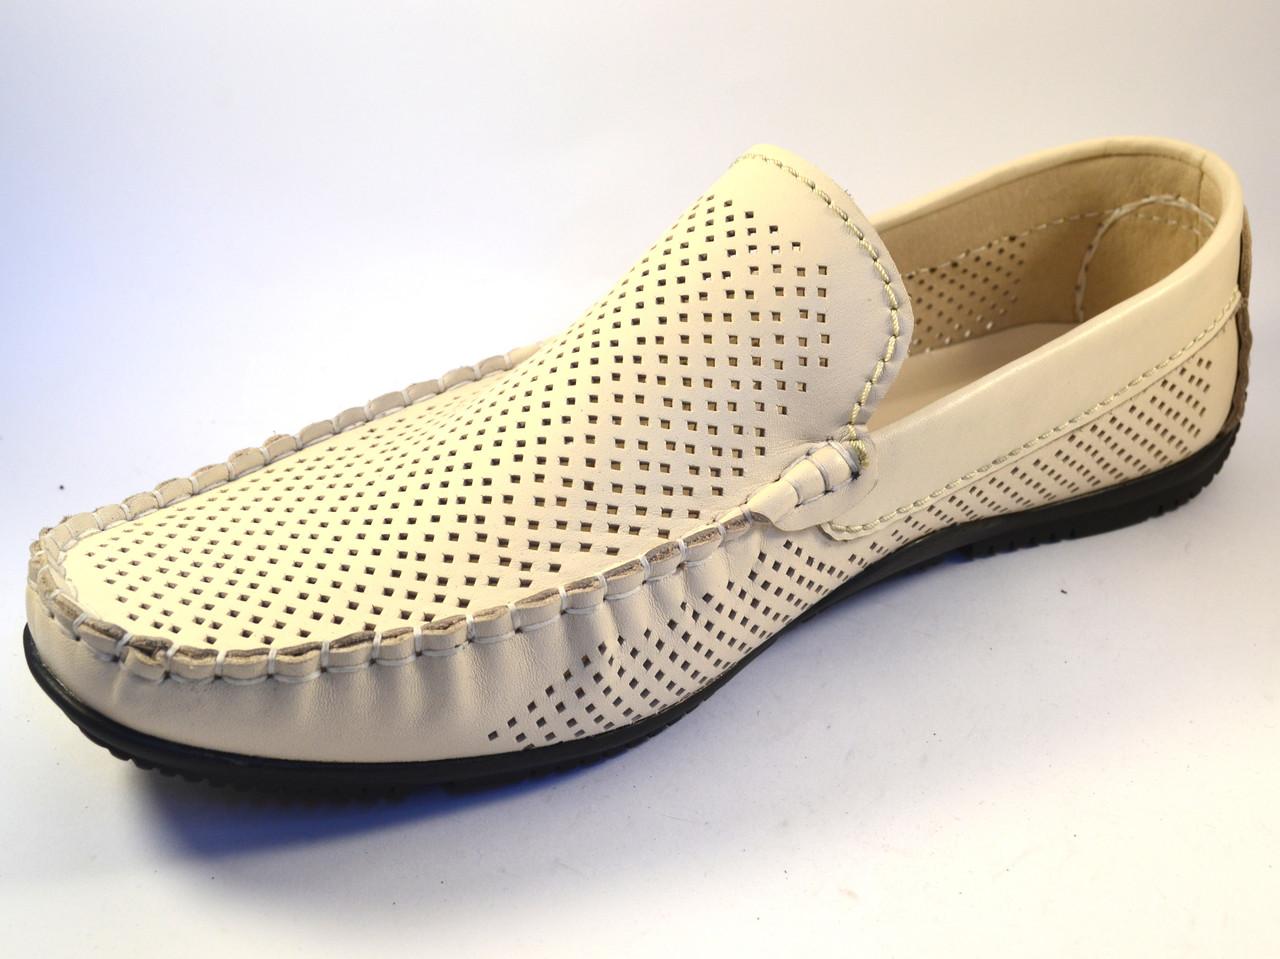 Обувь больших размеров мужская мокасины бежевые летние кожаные в сеточку Rosso Avangard M4 Beige Perf BS